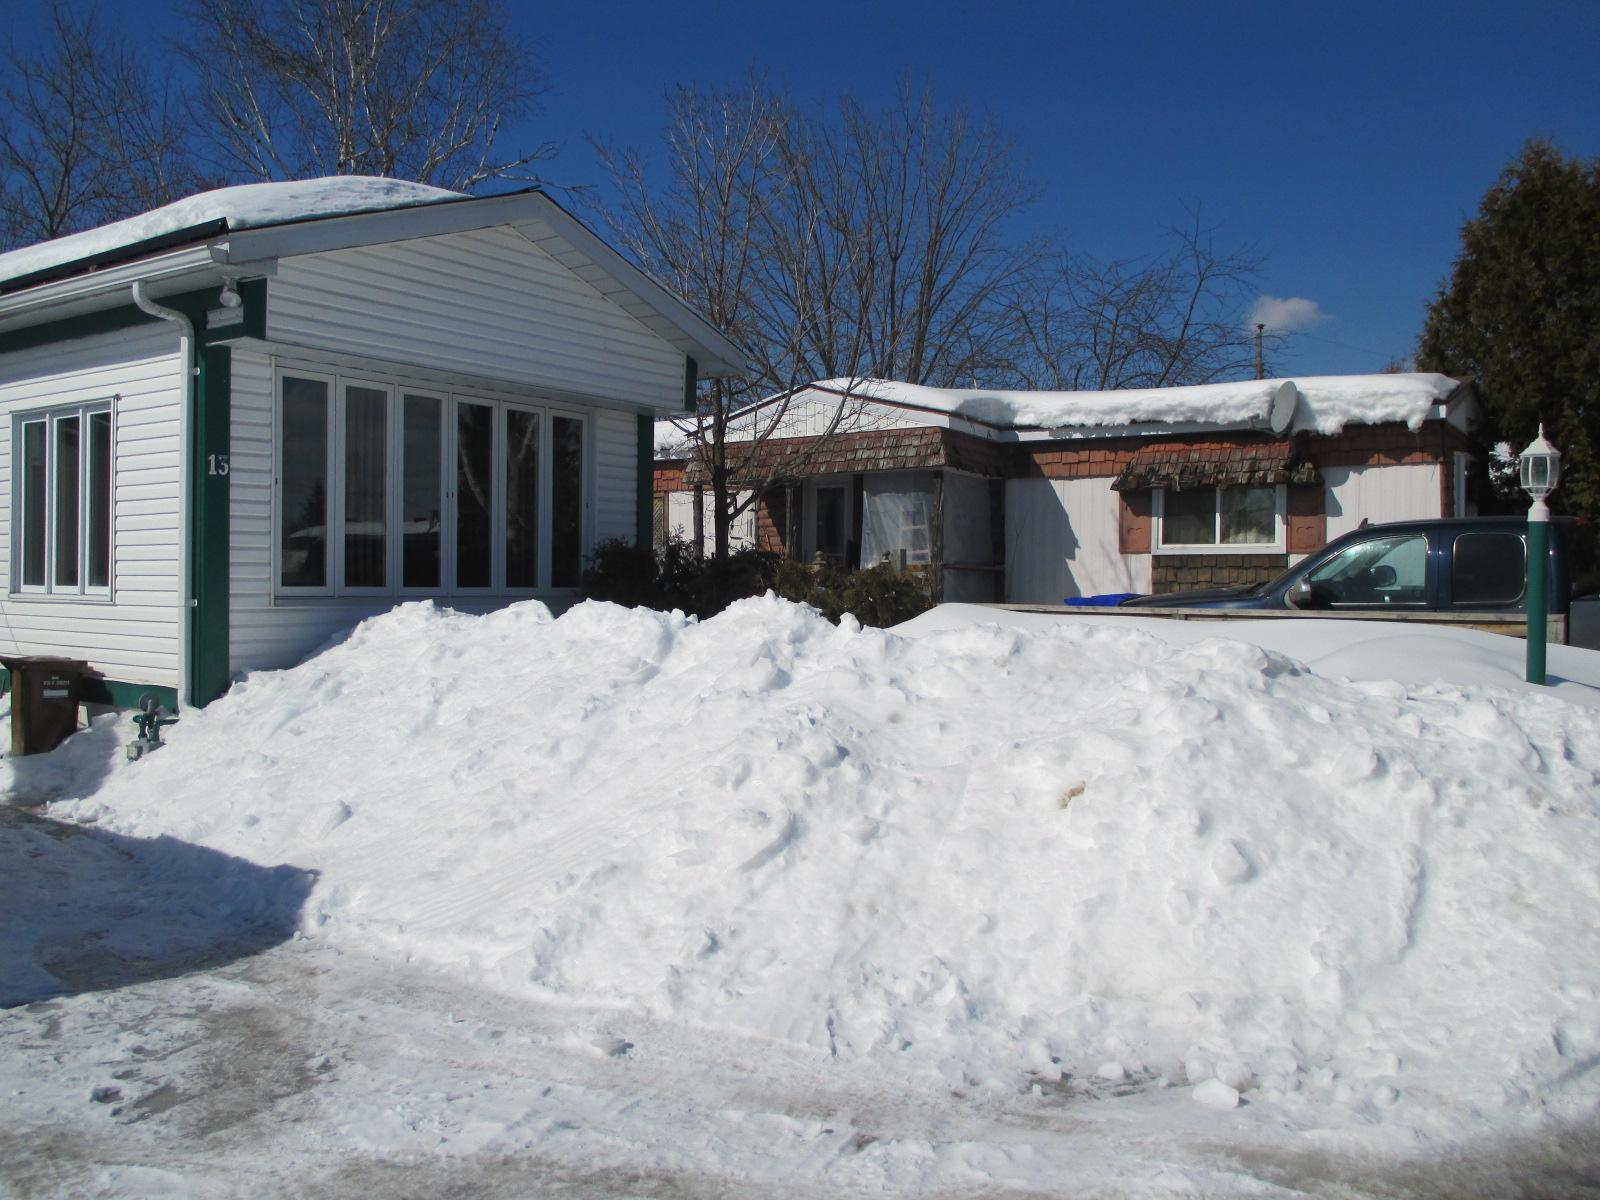 Chez-moi, on a un peu de neige, hahaha.